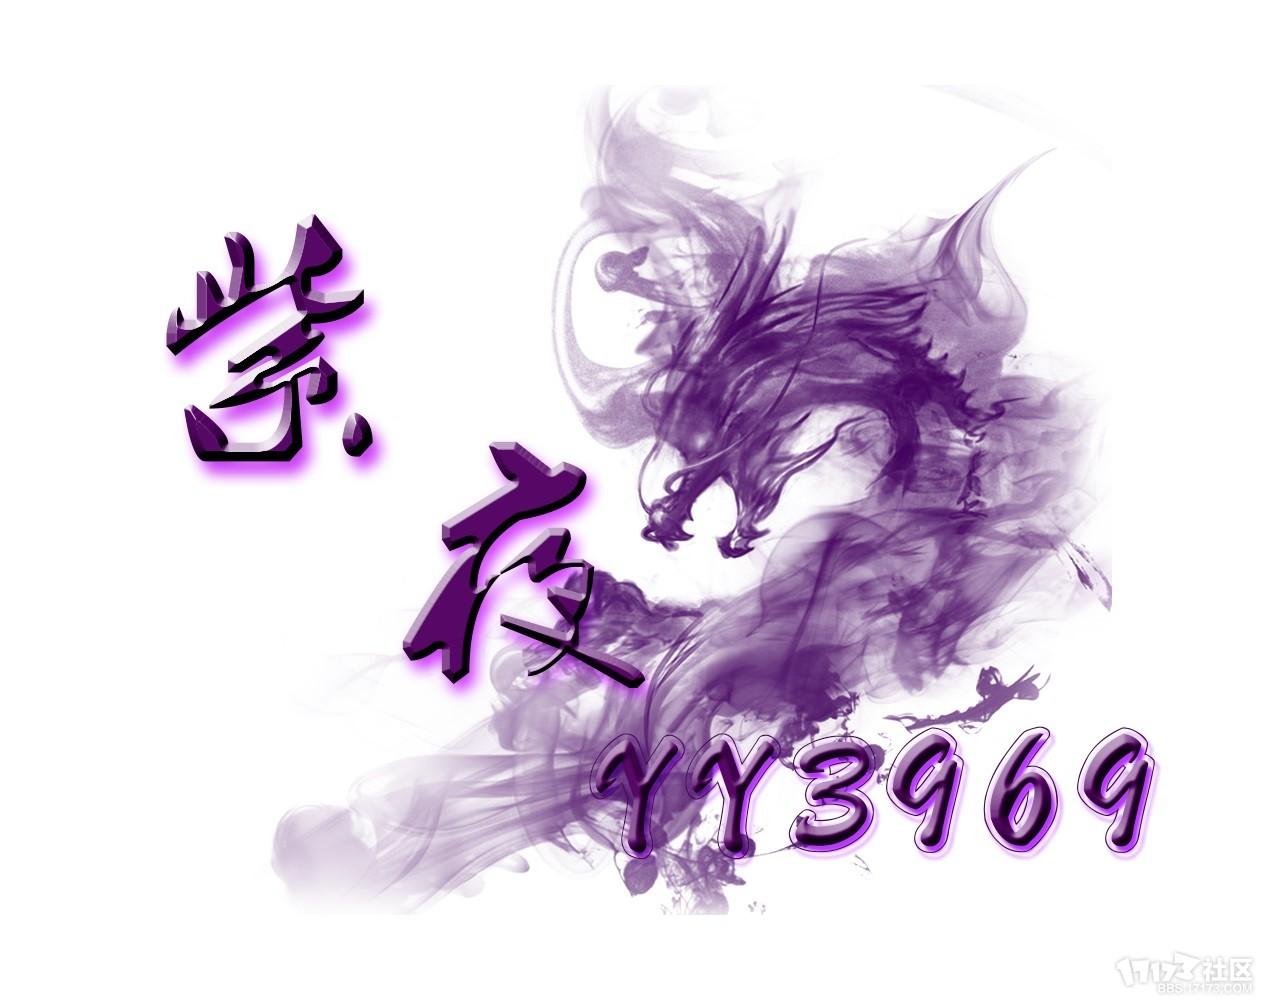 紫夜yy3969.jpg